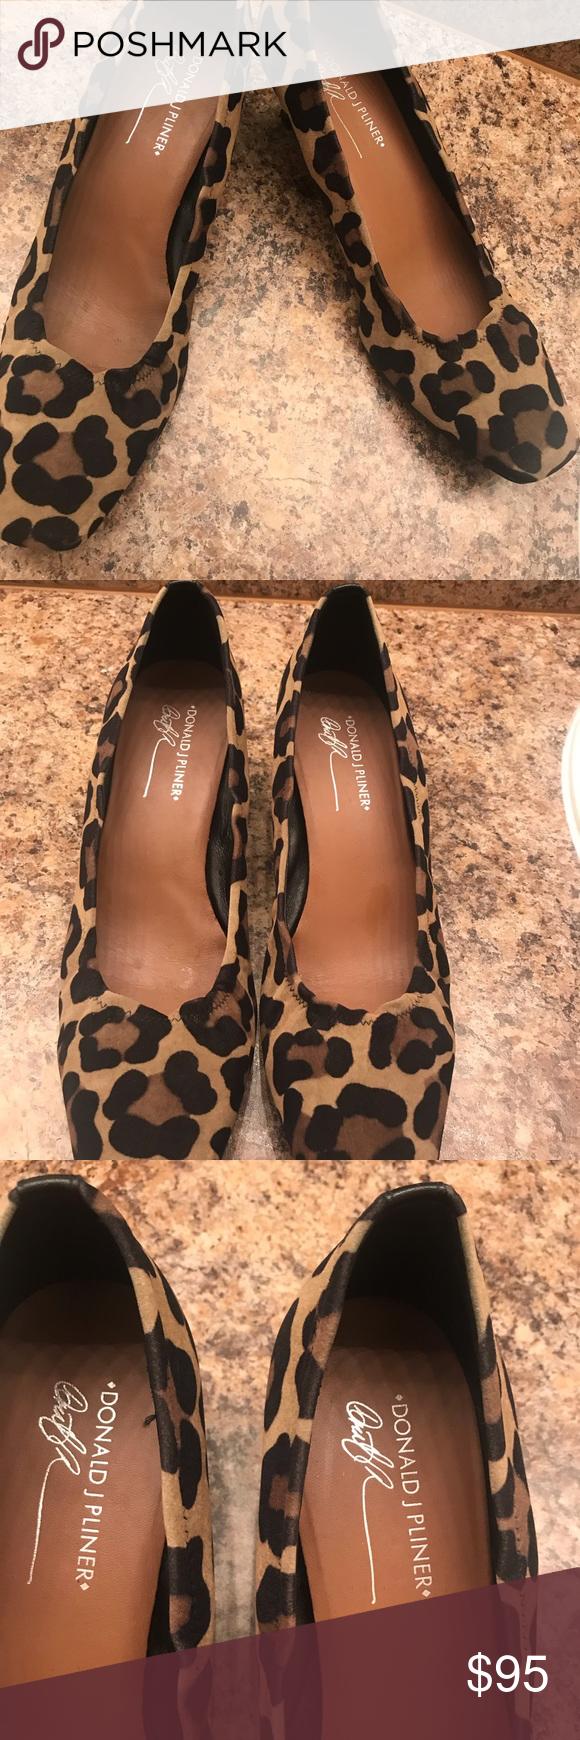 Leopard heels, Leopard print heels, Heels